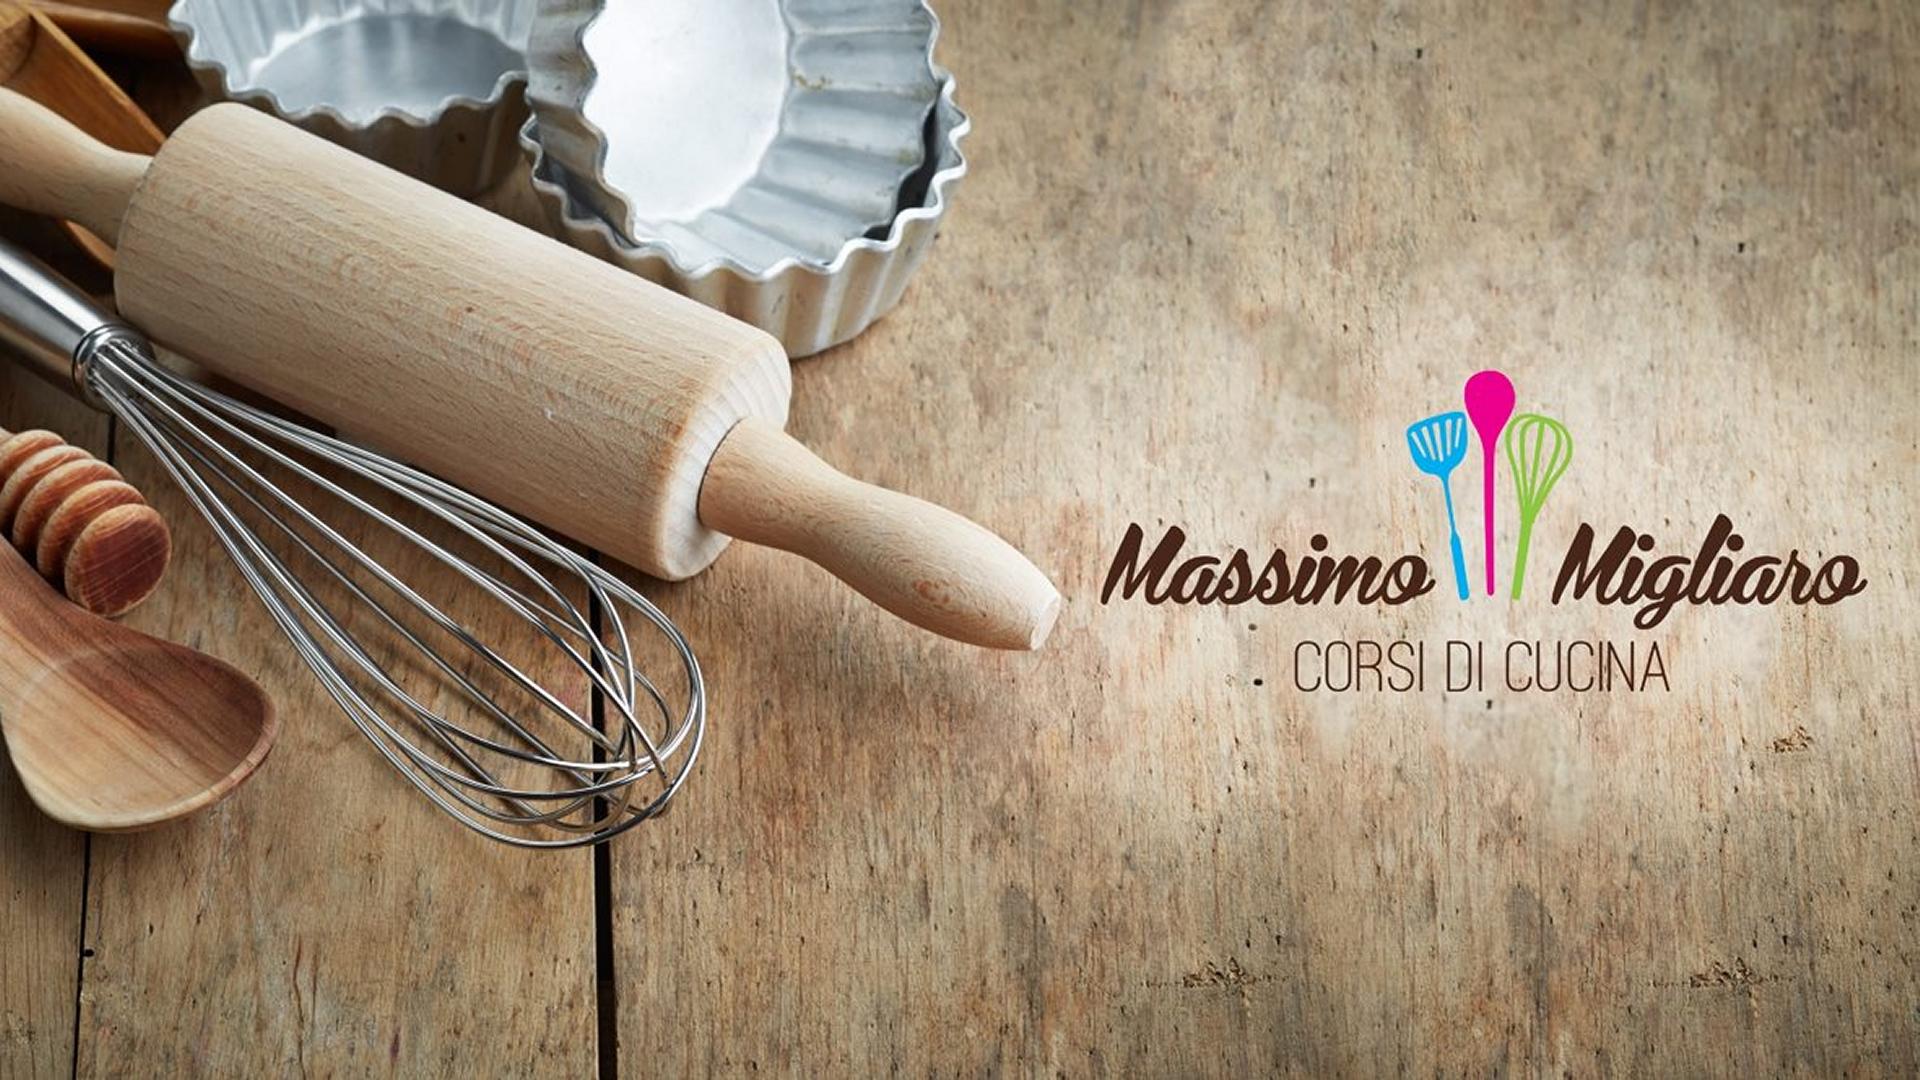 Corsi di pasticceria e cioccolato a genova - Corsi di cucina genova ...